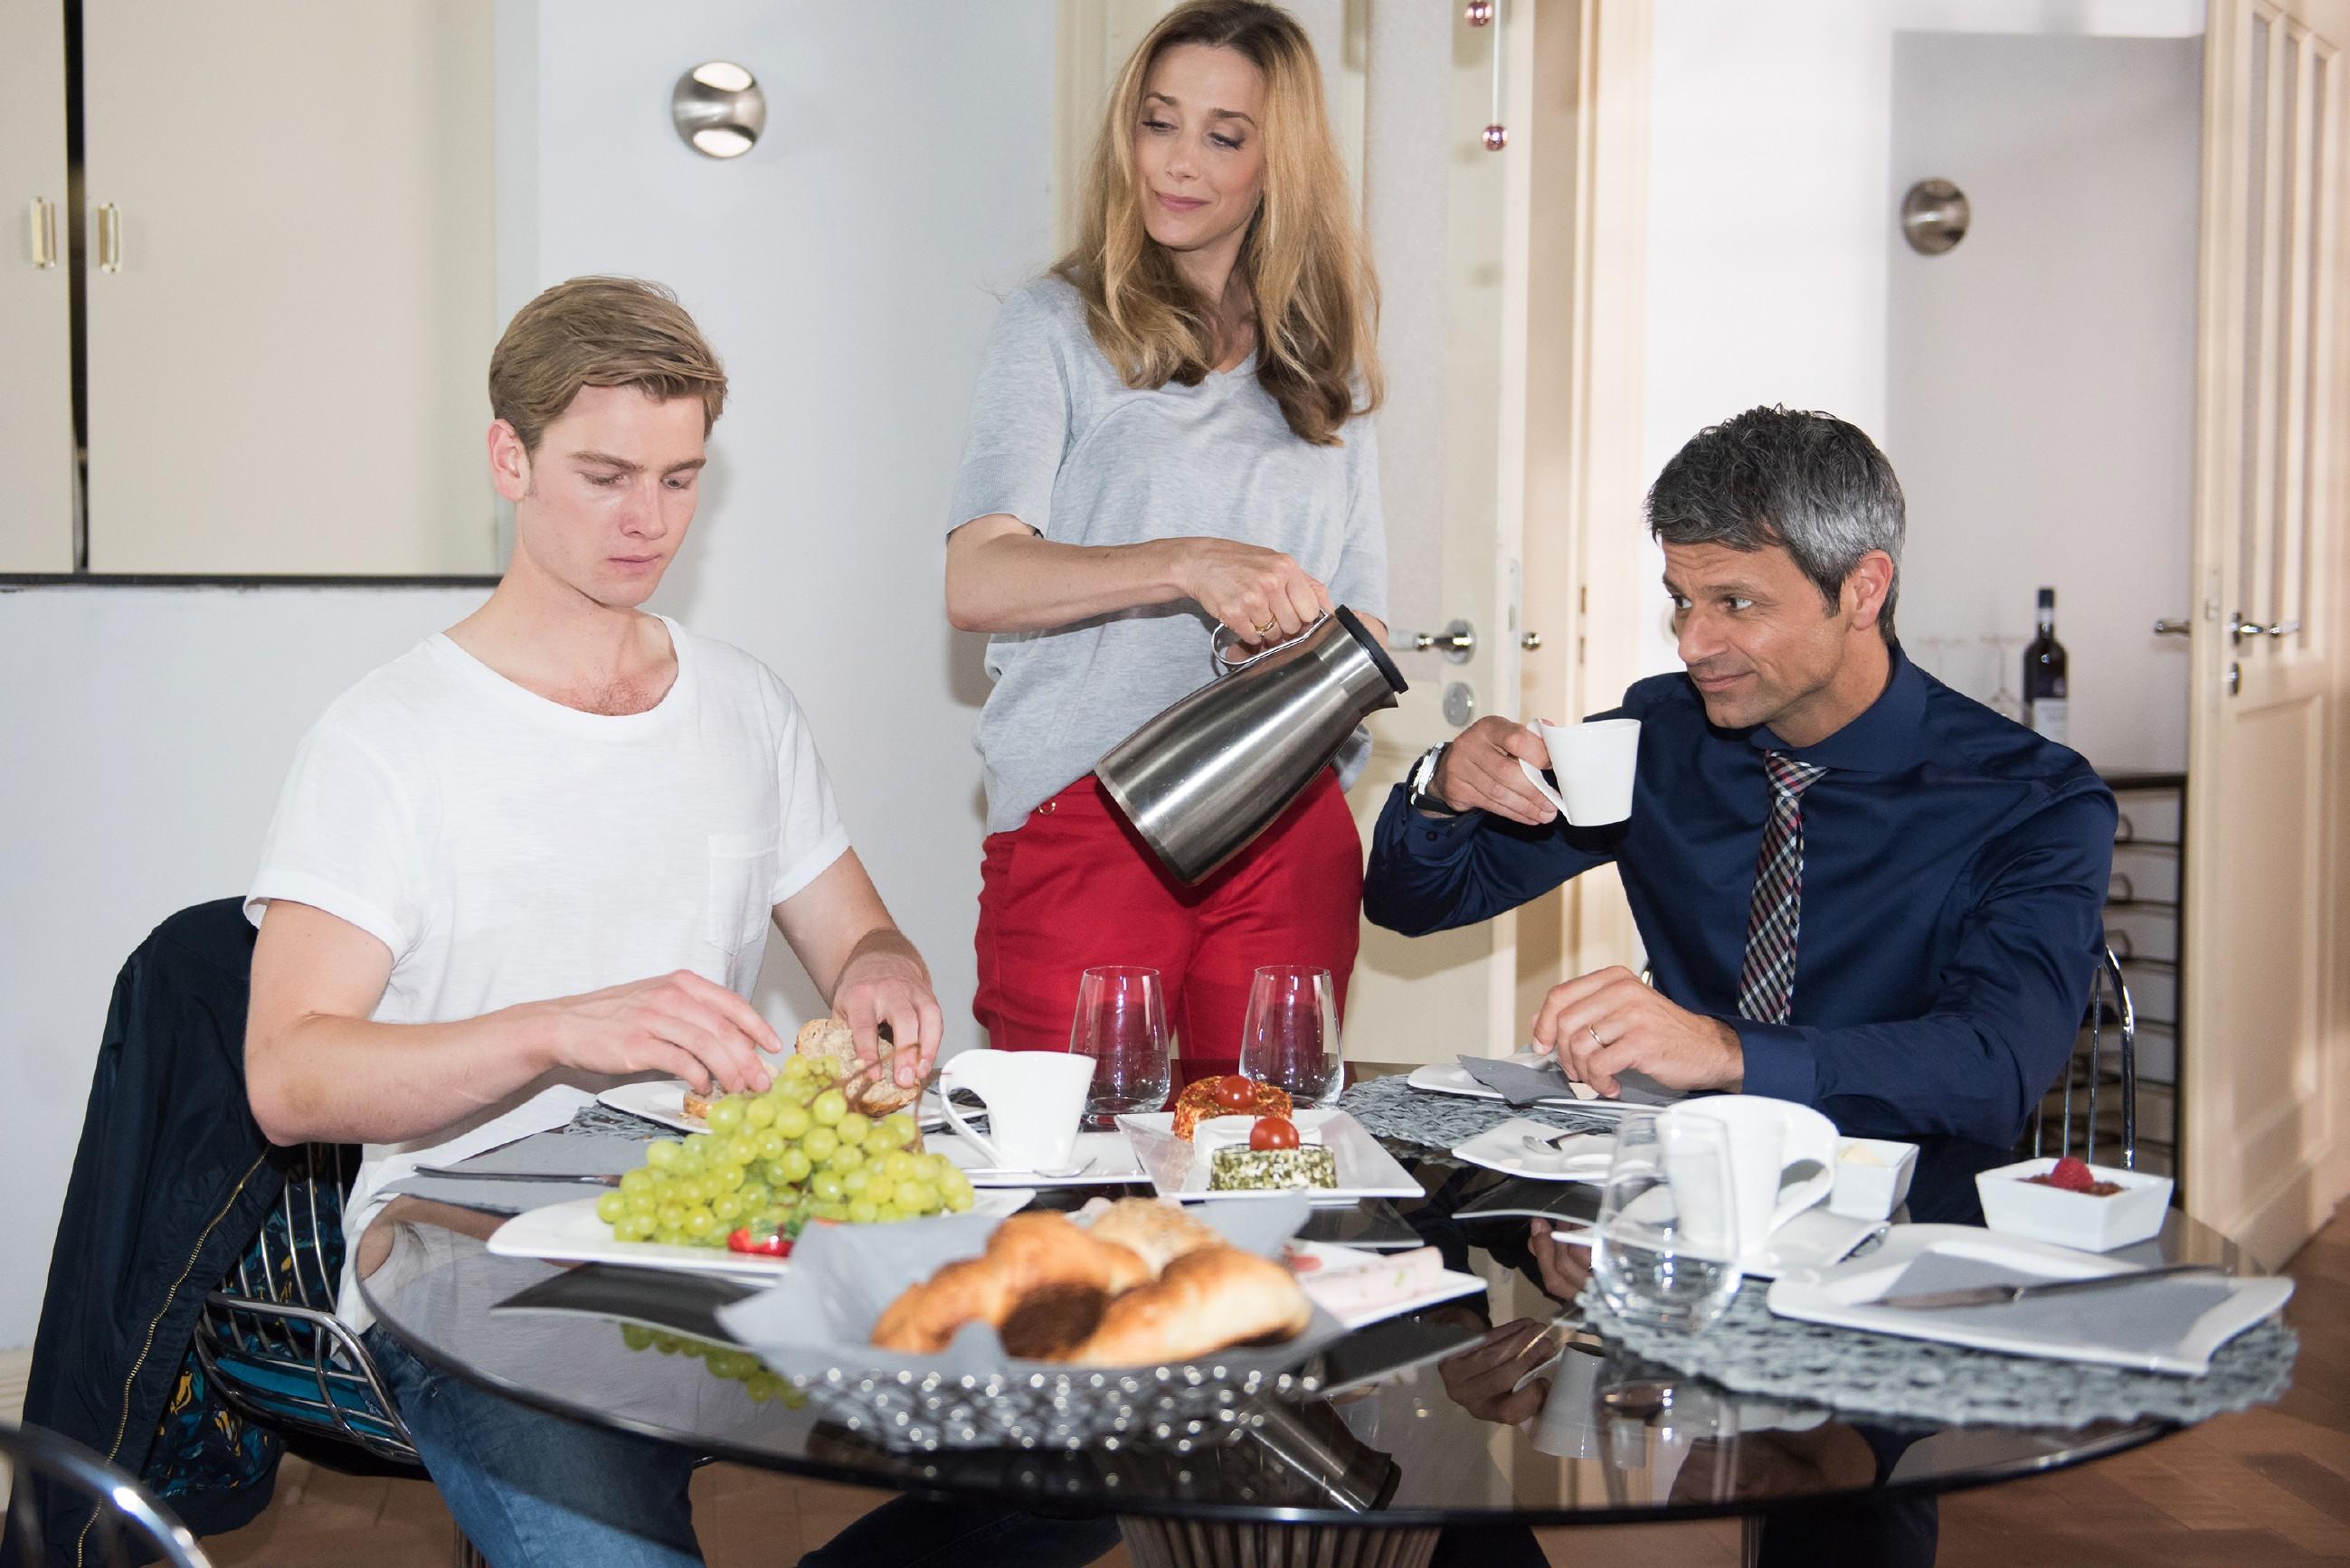 Valentin (Aaron Koszuta, l.) hat im Wissen um sein heimliches Doppelleben auch bei seinen Eltern Andrea (Kristin Meyer) und Benedikt (Jens Hajek) Oberwasser.